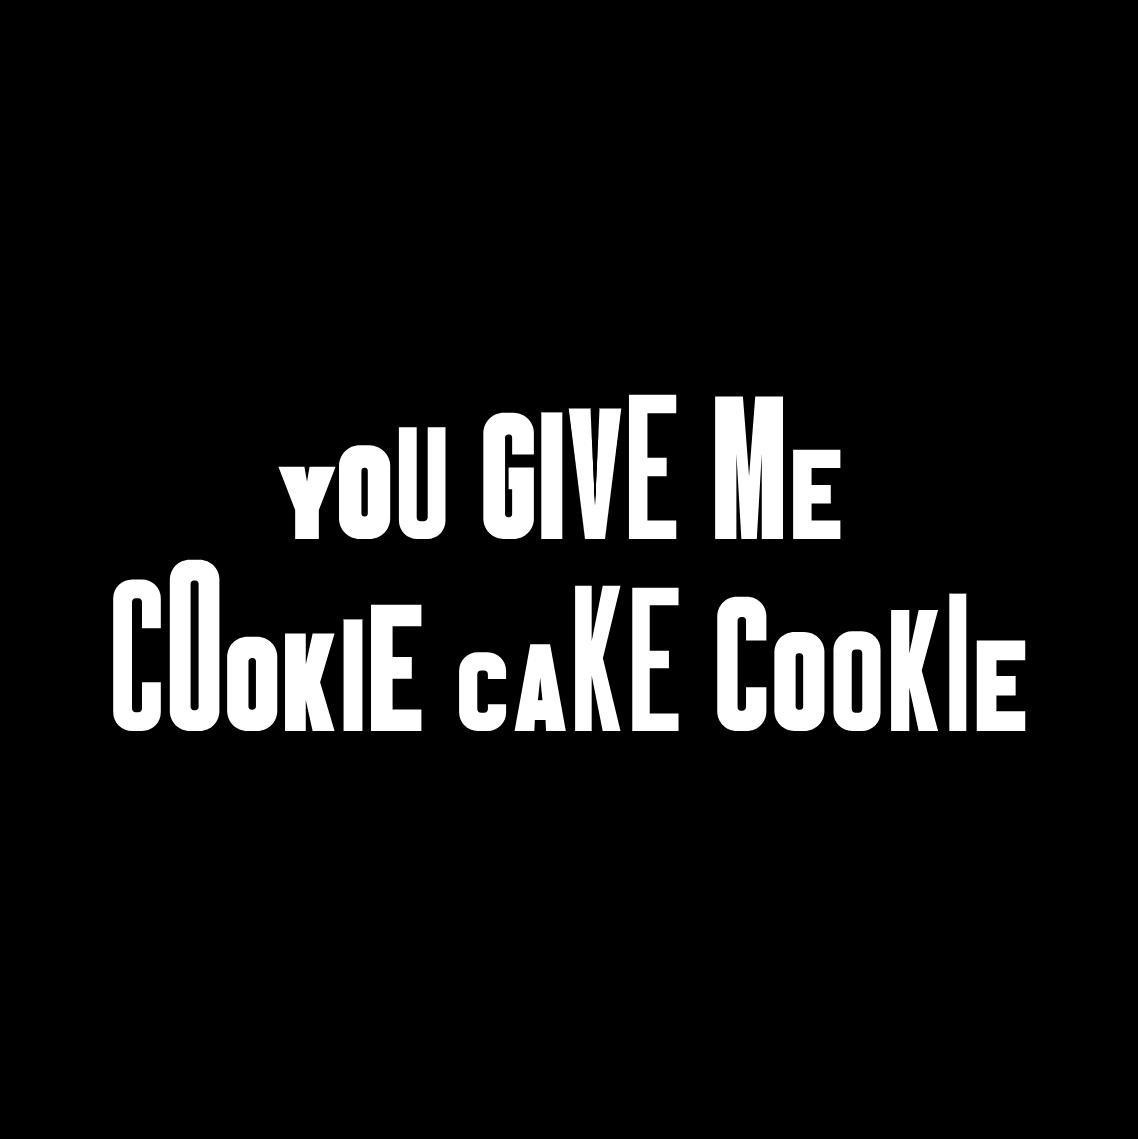 cookiecakecookie.png